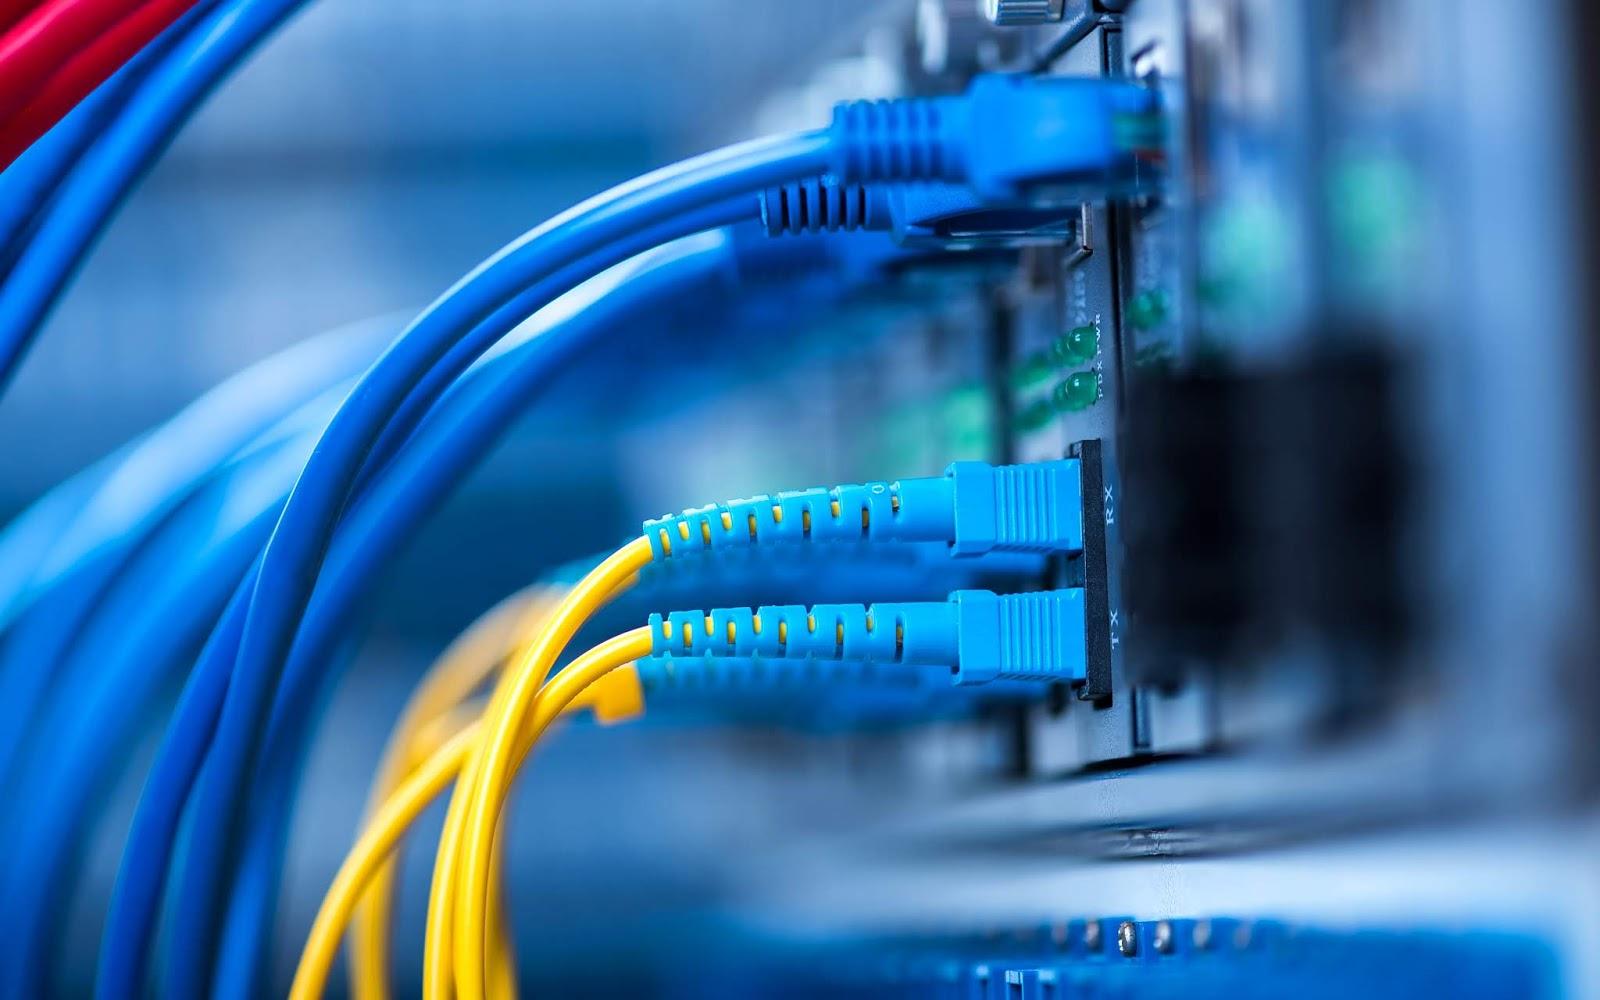 طريقة تسريع الانترنت على ويندوز 10 بدون برنامج بشكل فعال 100% بدون برامج